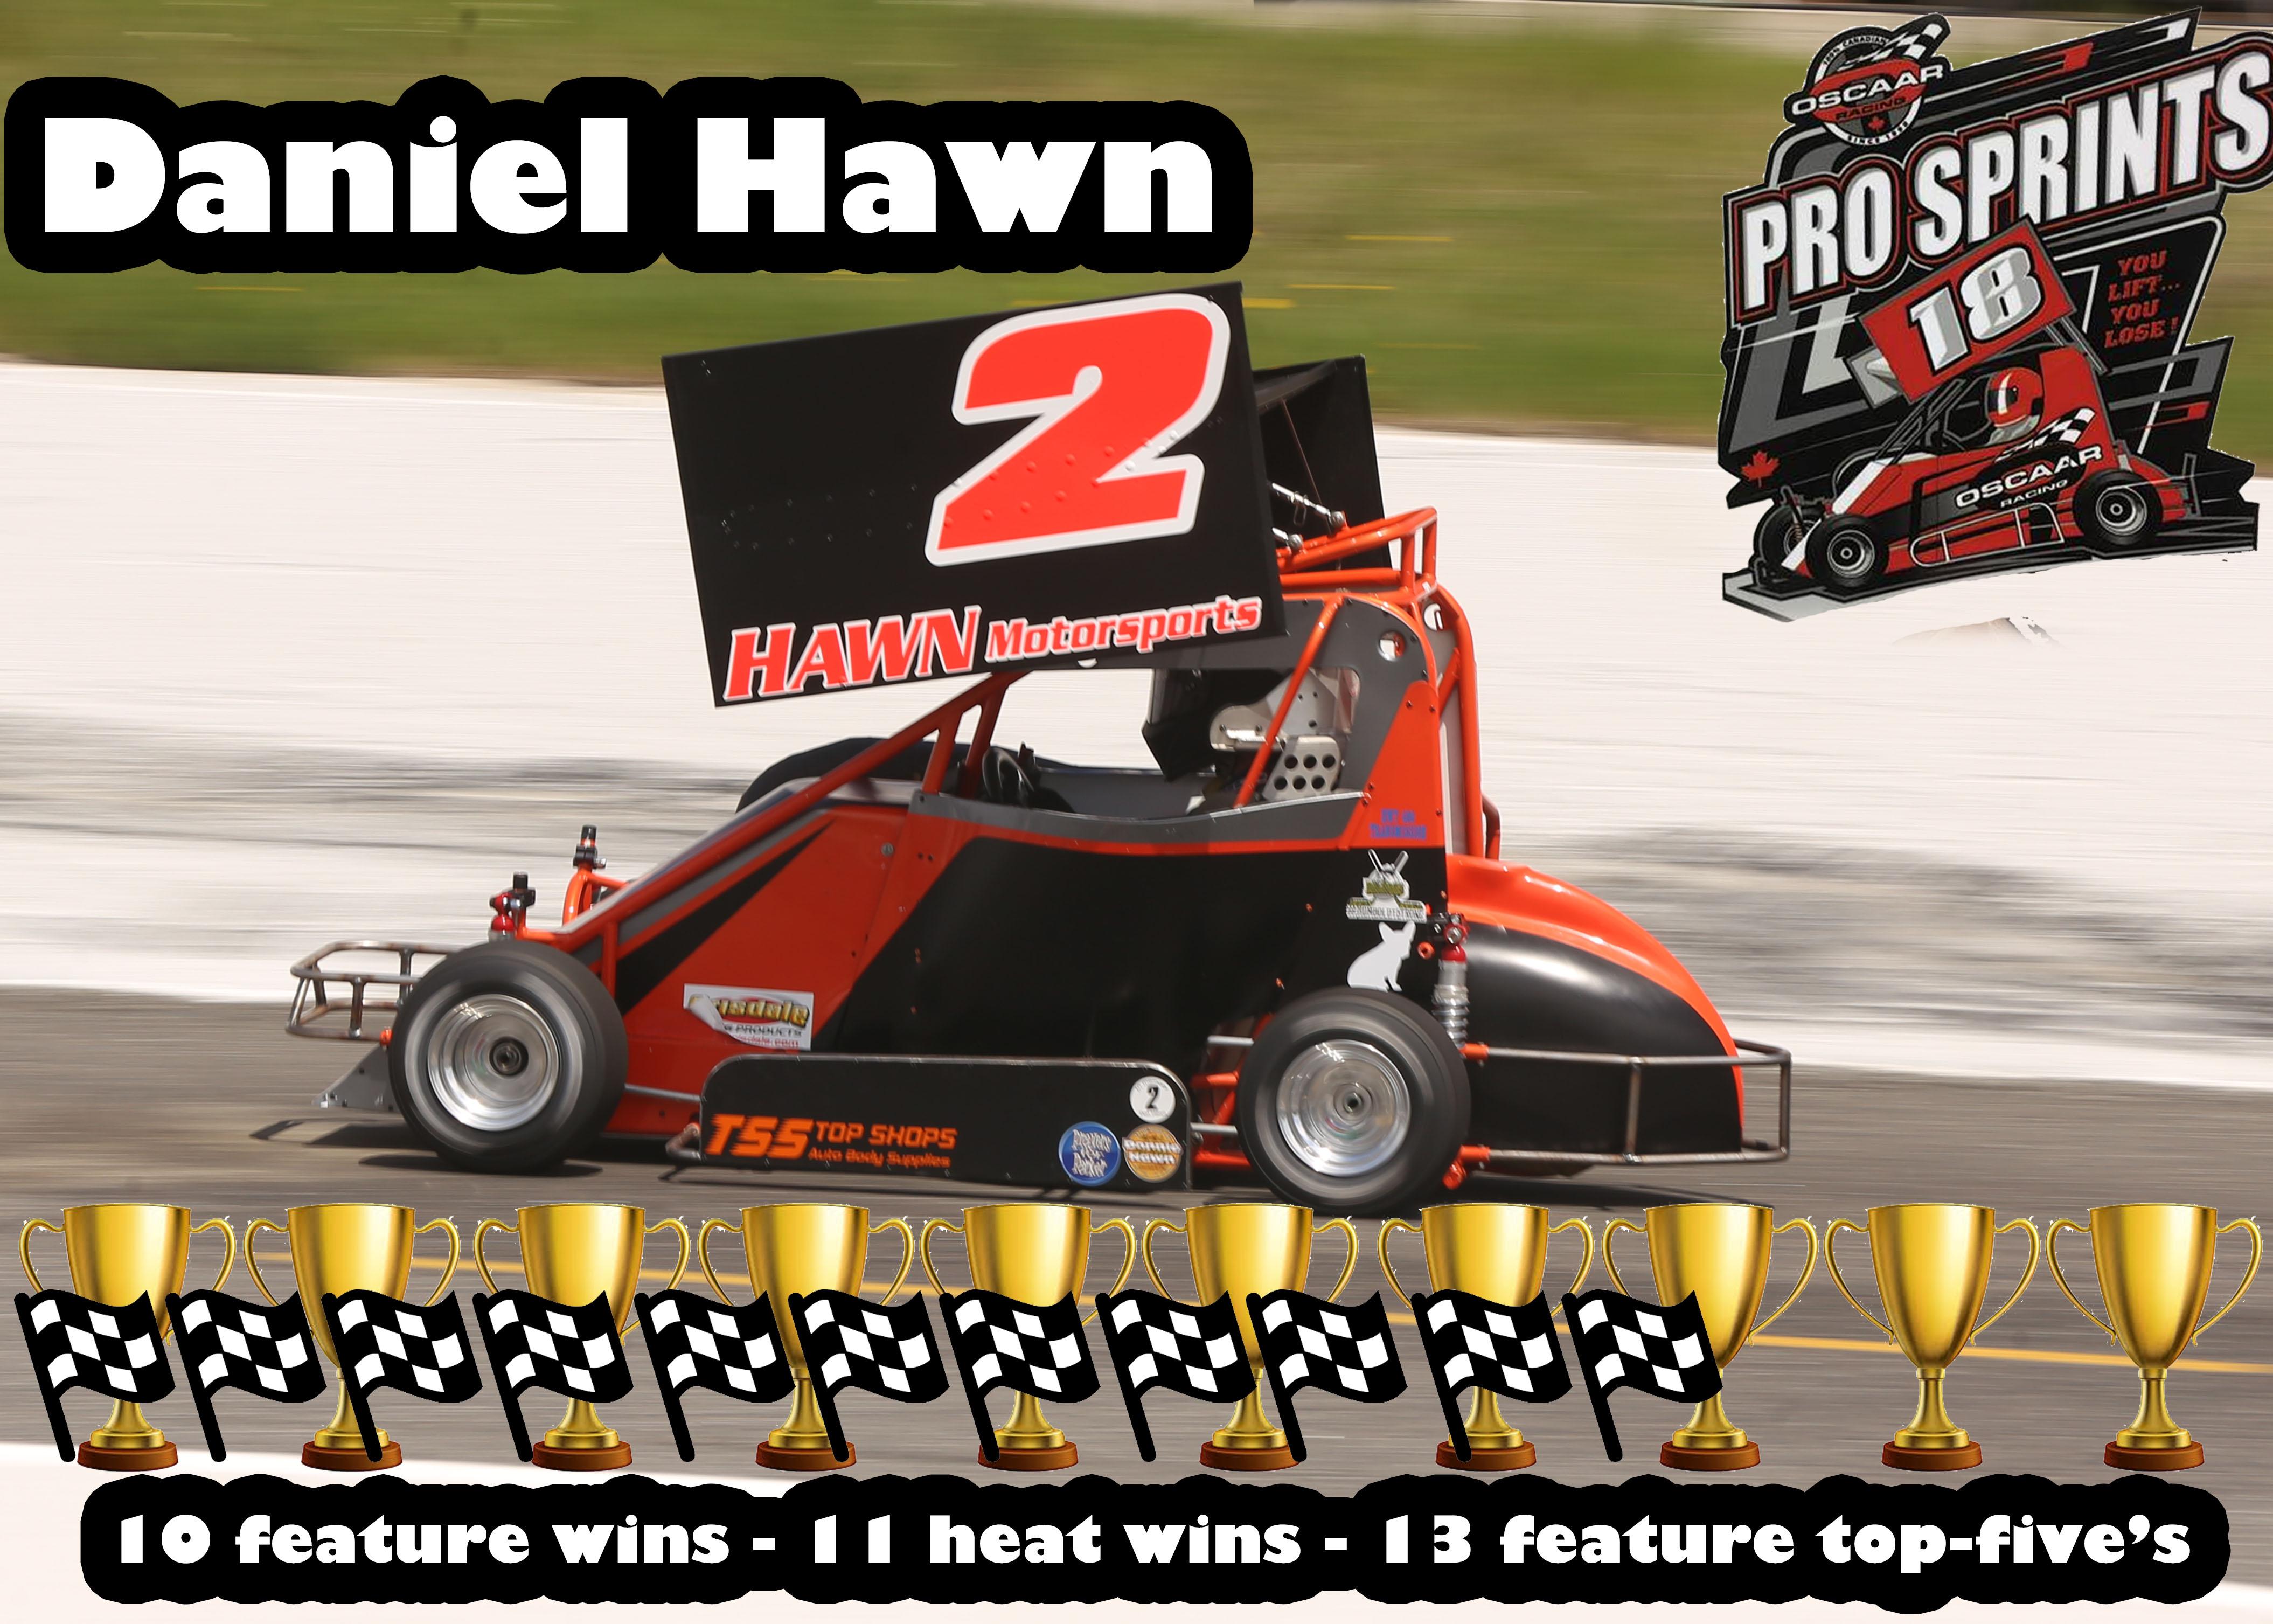 1st Pro Sprint Daniel Hawn